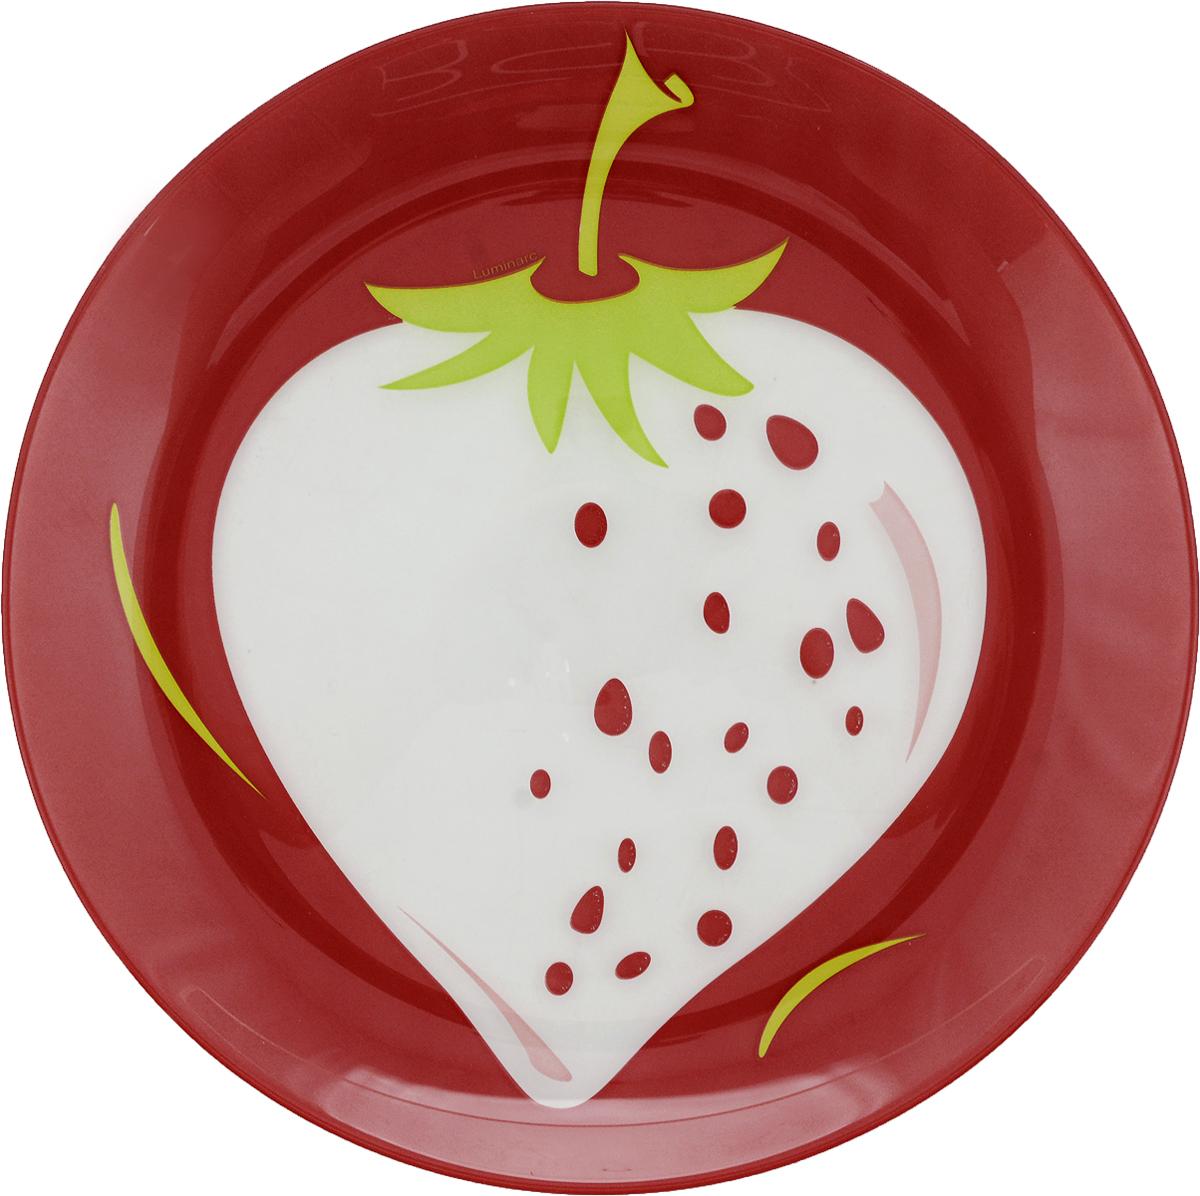 """Десертная тарелка Luminarc """"Клубника"""", изготовленная из высококачественного стекла, имеет изысканный внешний вид. Такая тарелка прекрасно подходит как для торжественных случаев, так и для повседневного использования. Идеальна для подачи десертов, пирожных, тортов и многого другого. Она прекрасно оформит стол и станет отличным дополнением к вашей коллекции кухонной посуды.Диаметр тарелки: 20 см.Высота тарелки: 1,5 см."""